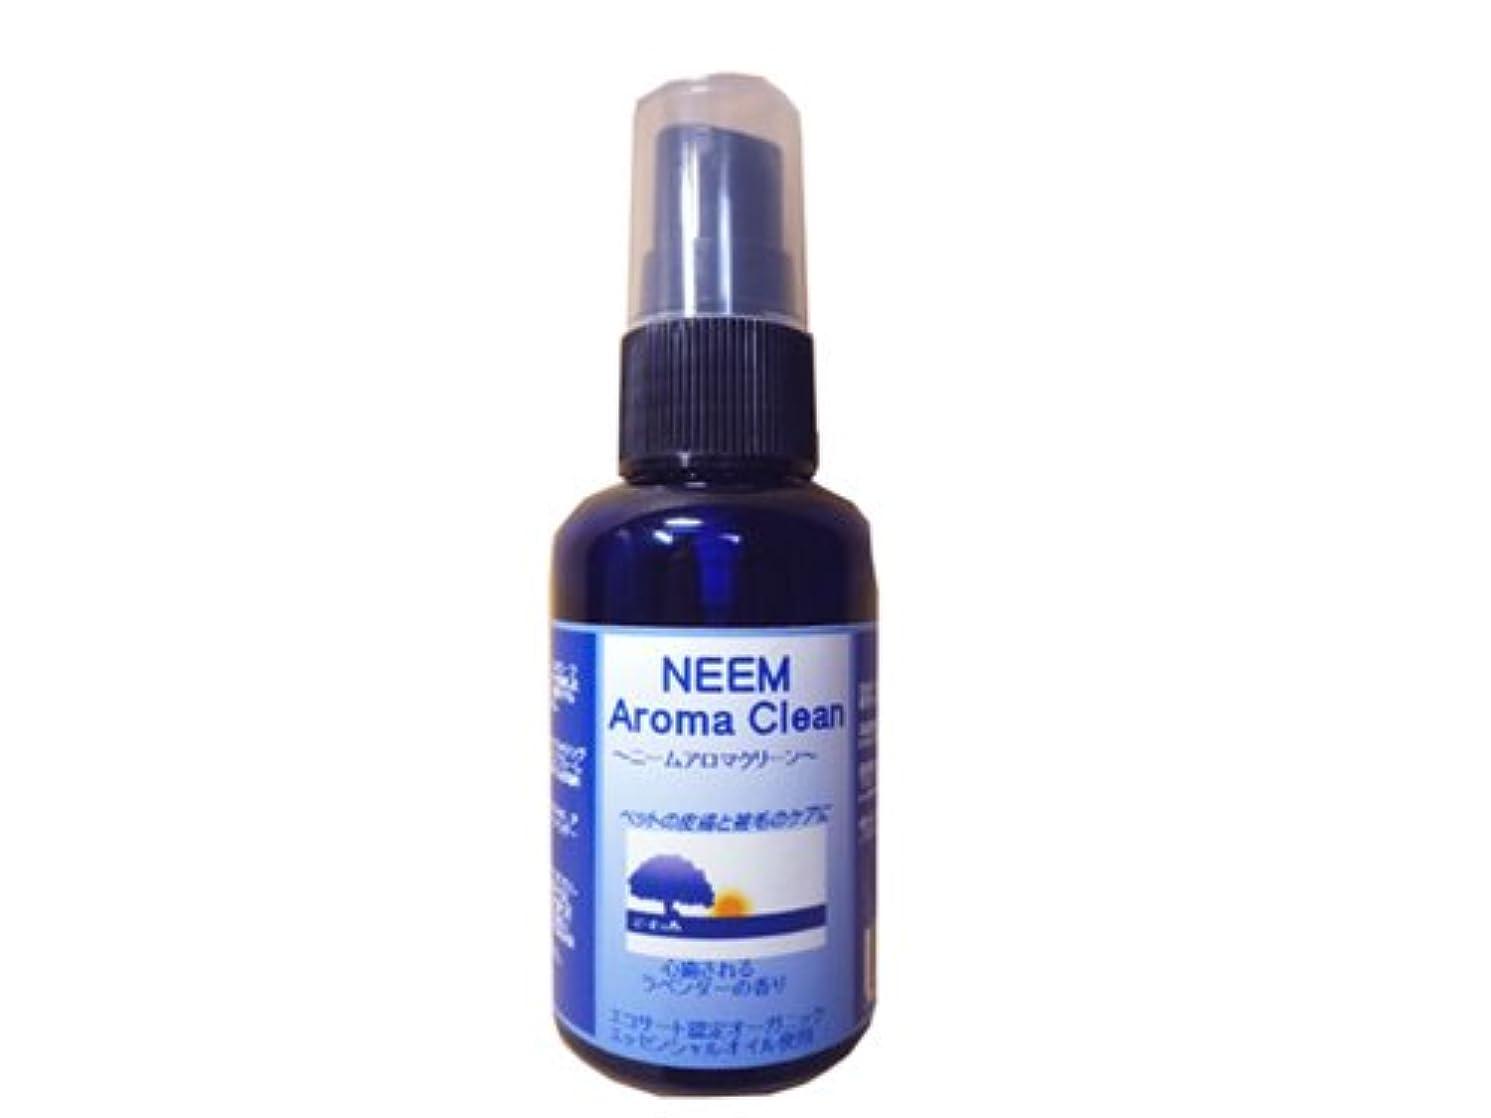 ベッツィトロットウッド適合しました蒸気ニームアロマクリーン(ラベンダー) NEEM Aroma Clean 50ml 【BLOOM】【(ノミ?ダニ)駆除用としてもお使いいただけます。】